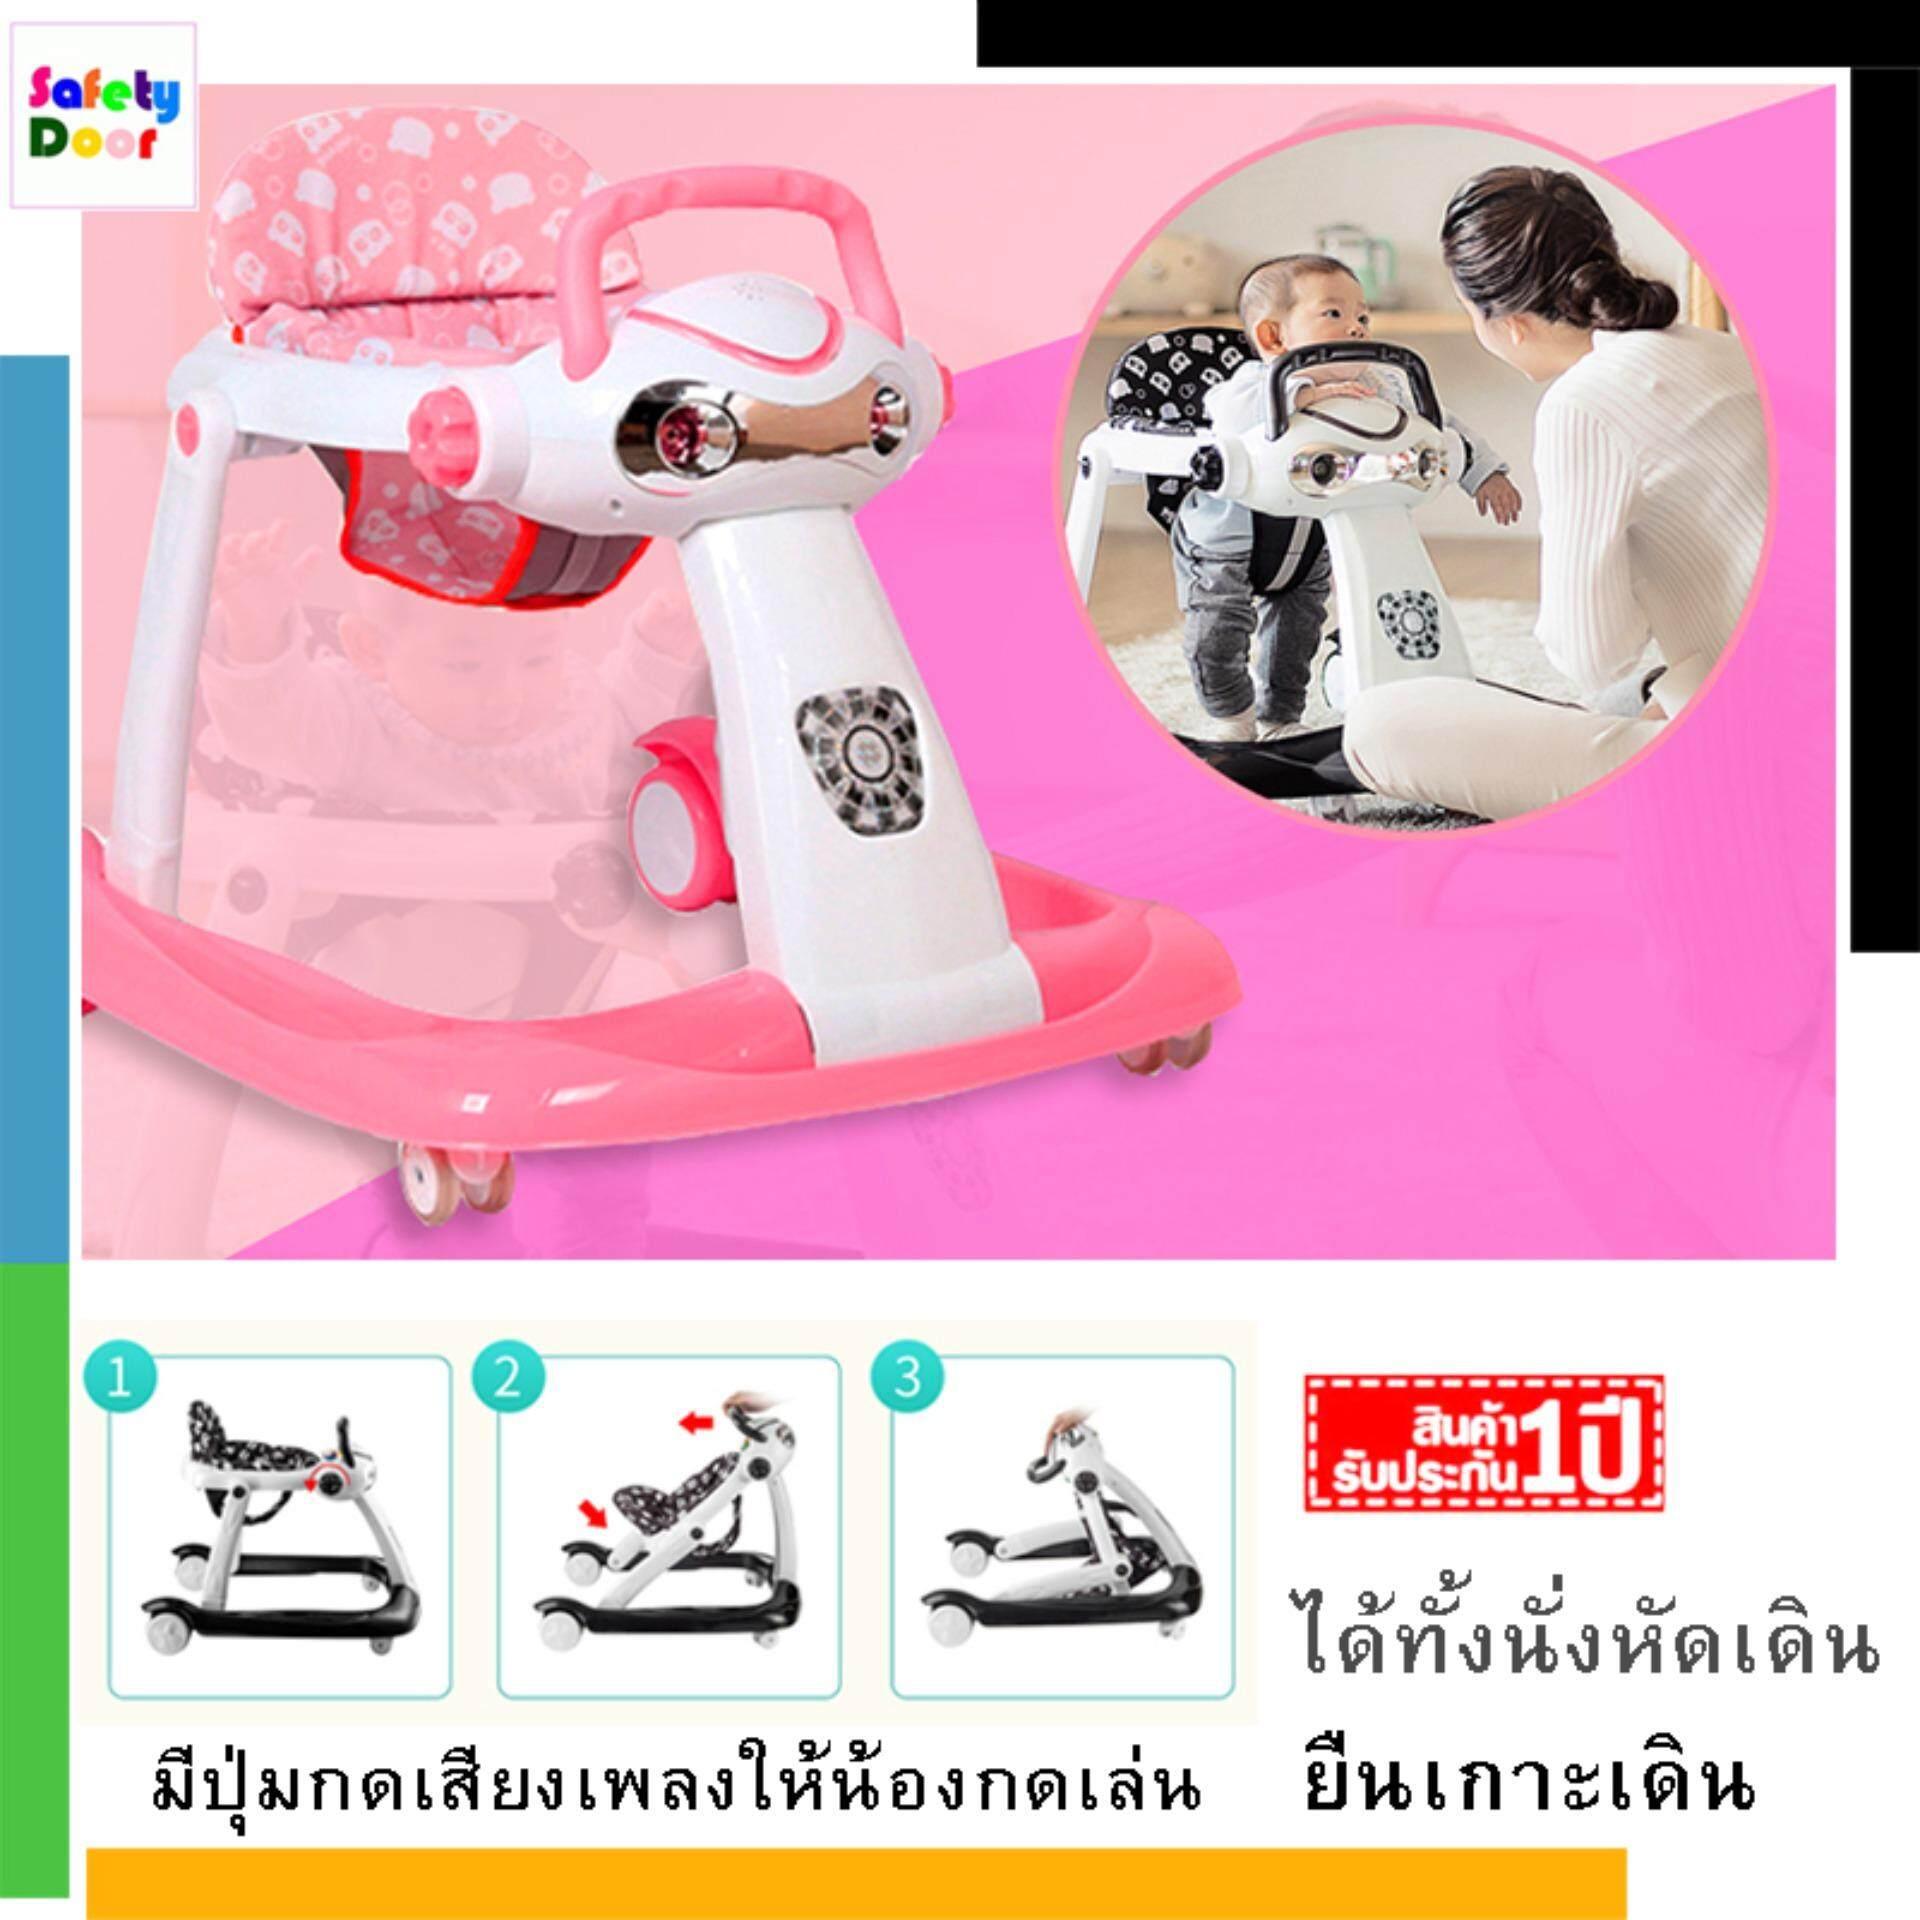 โปรโมชั่น Baby walker รถหัดเดิน รถผลักเดิน 2in1 มีเสียงดนตรี และของเล่น ปรับเป็นแบบนั่ง หรือแบบผลักเดินได้ (สีขาว/ชมพู)